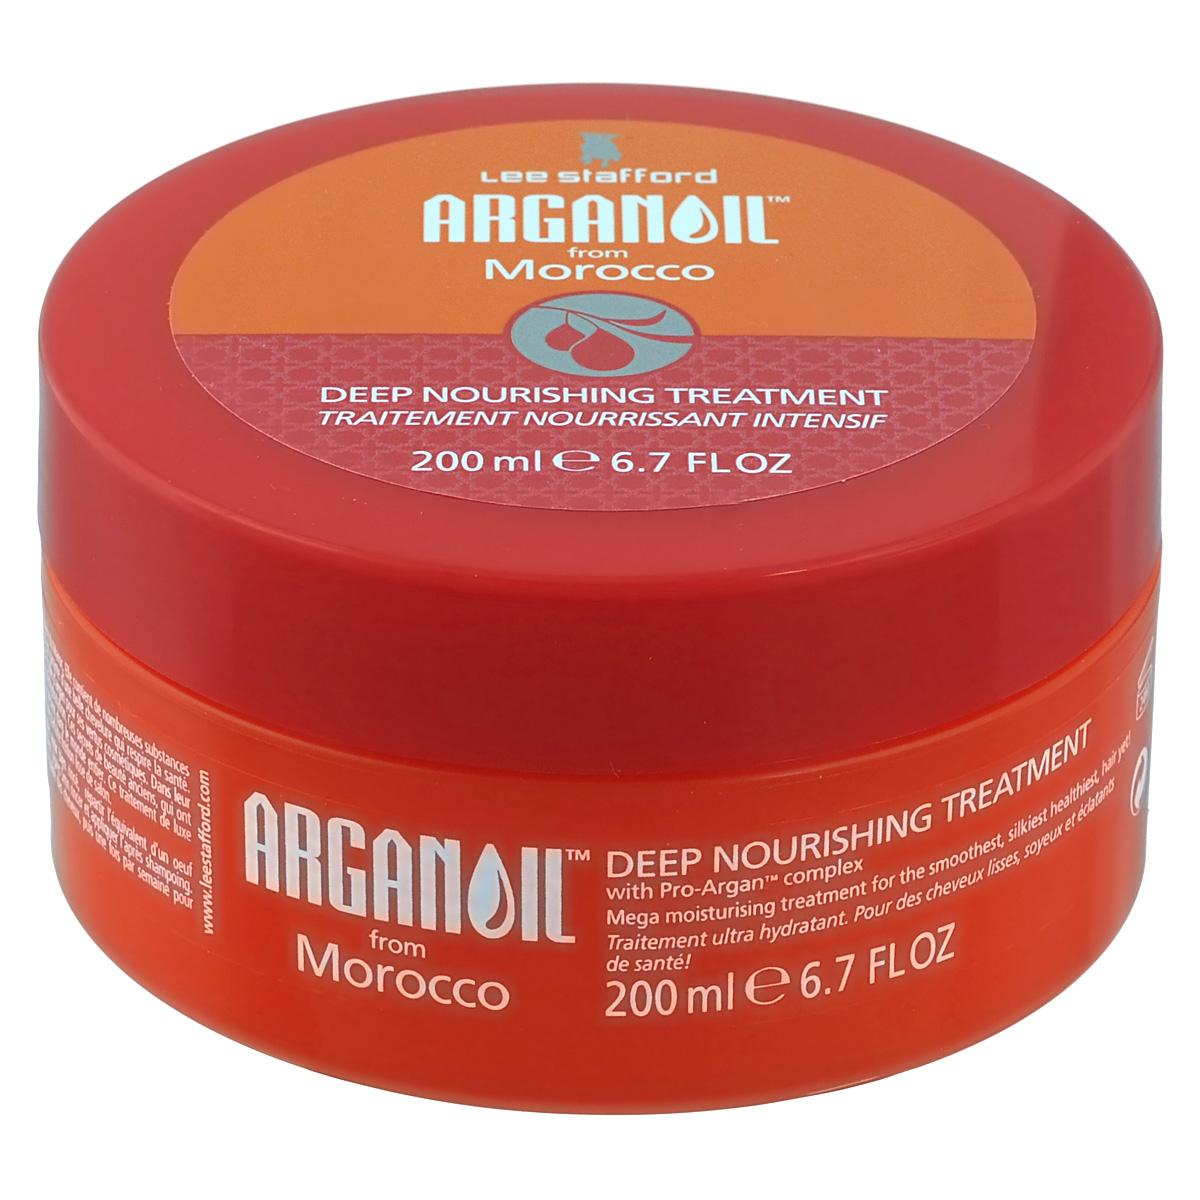 Lee Stafford Интенсивная питательная маска для волос с аргановым маслом Arganoil From Marocco, 200 мл lee stafford шампунь для вьющихся волос here come the curls 250 мл